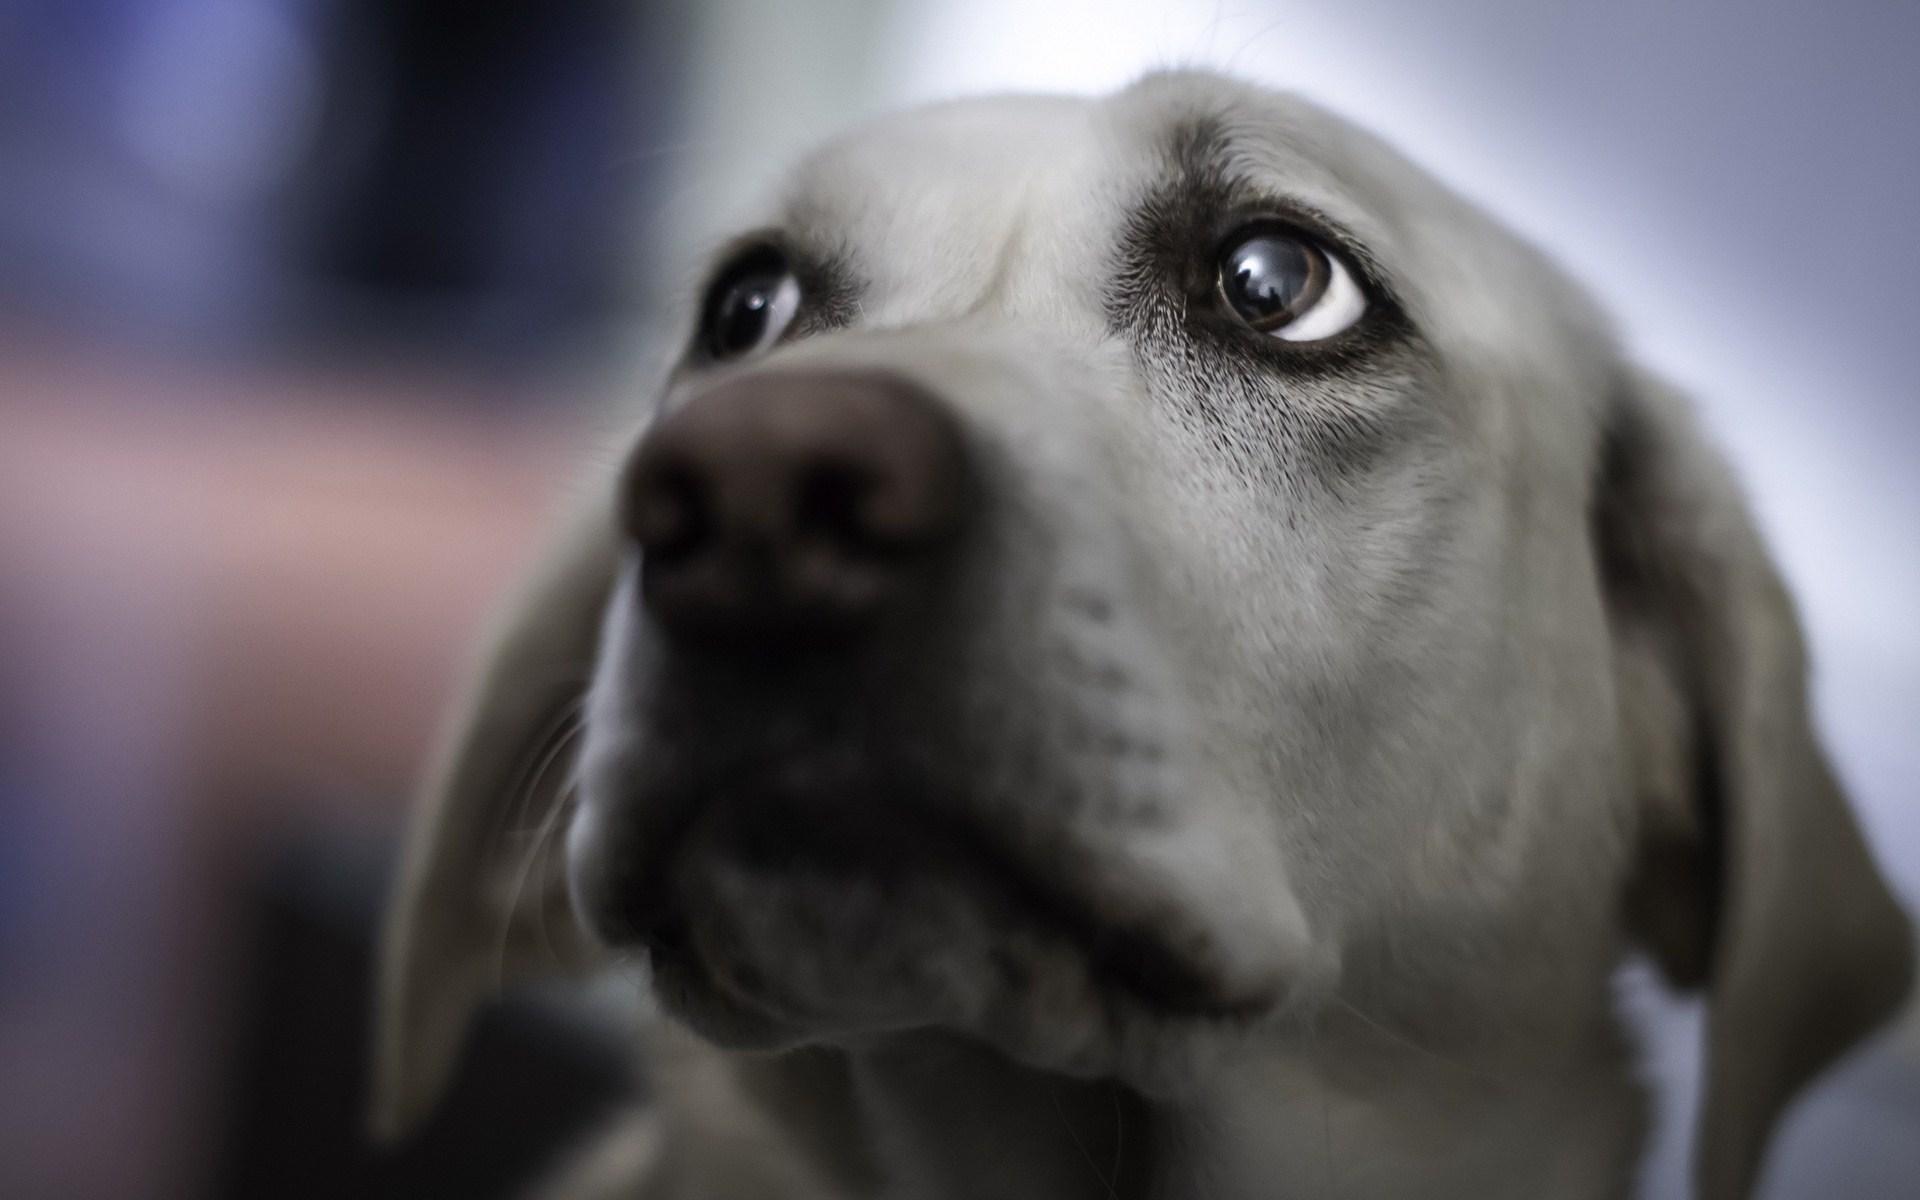 Dog Look Macro